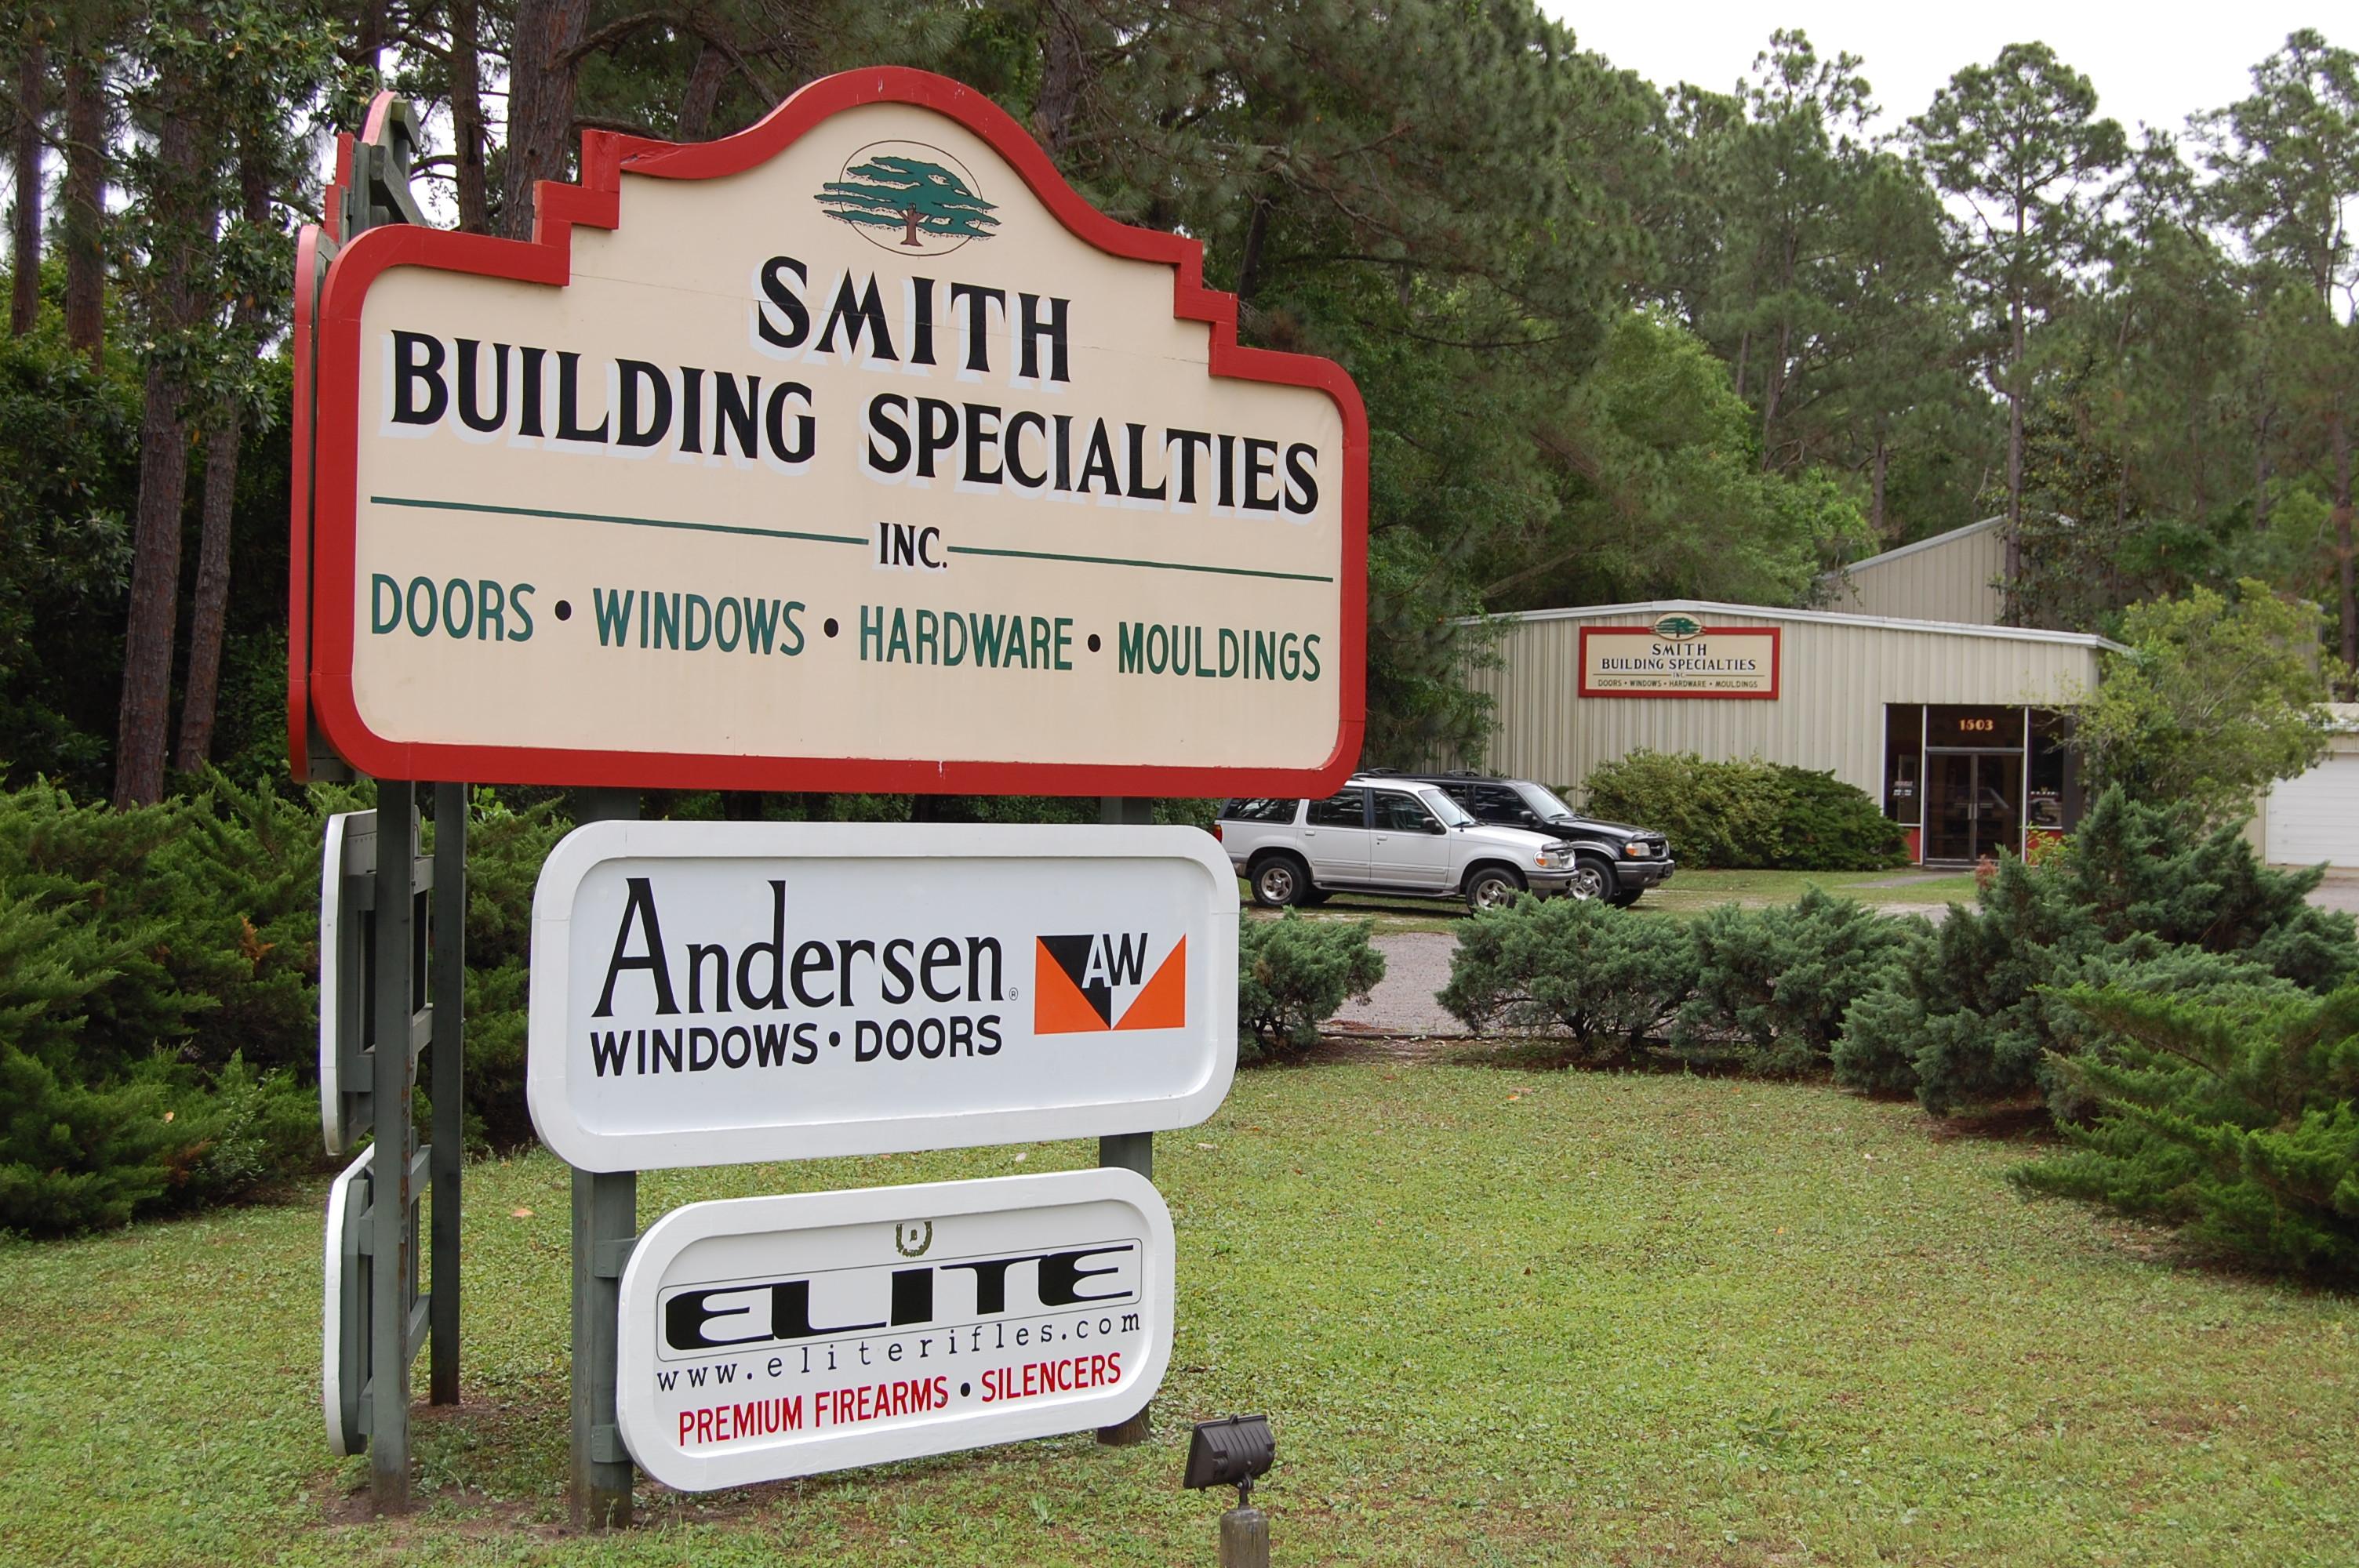 Smith Building Specialties image 0